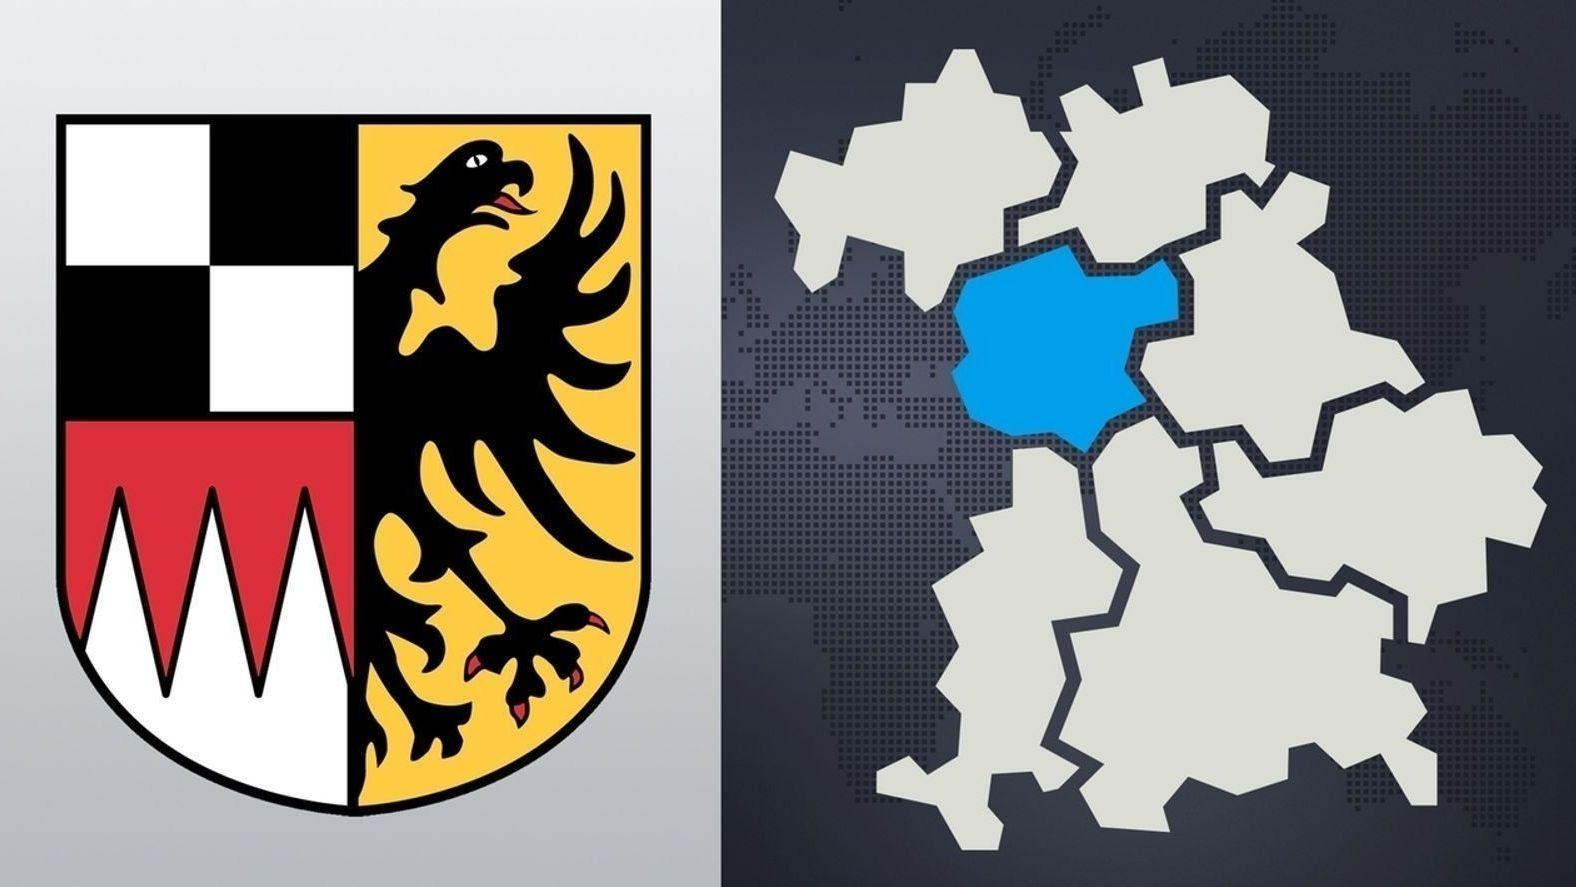 Das Wappen von Mittelfranken und der Bezirk auf der Landkarte